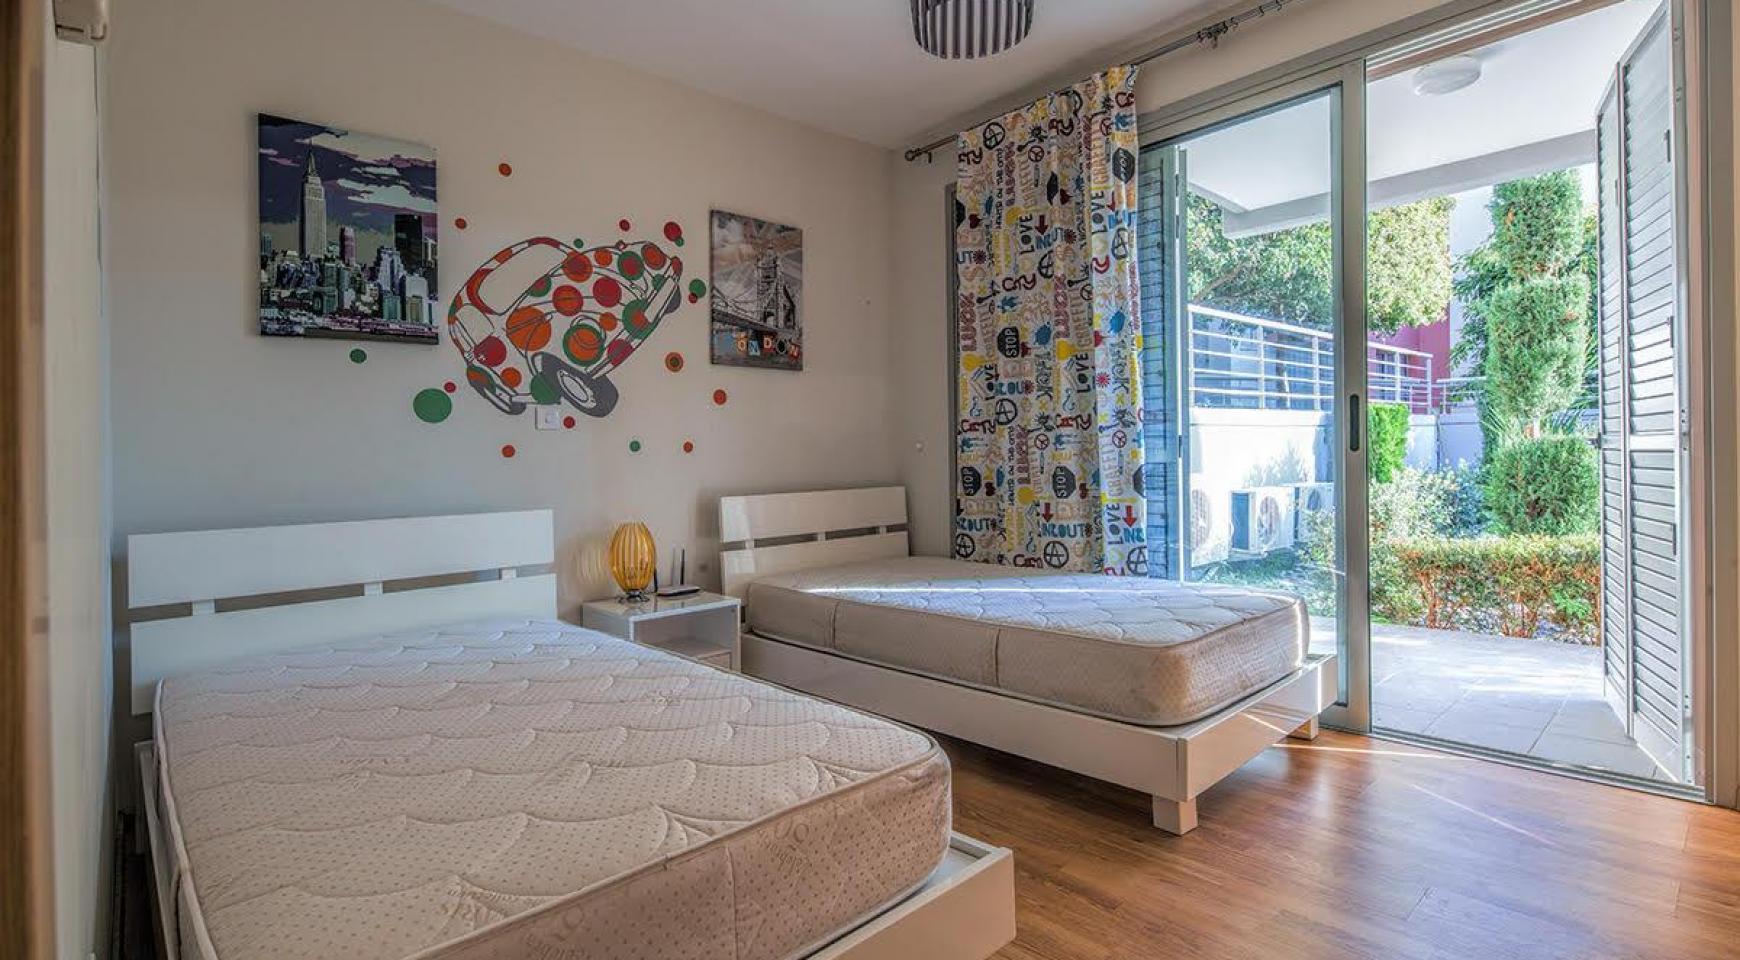 2-Спальная Двухуровневая Квартира Amathusa O 104 в Престижном Комплексе возле Моря - 13